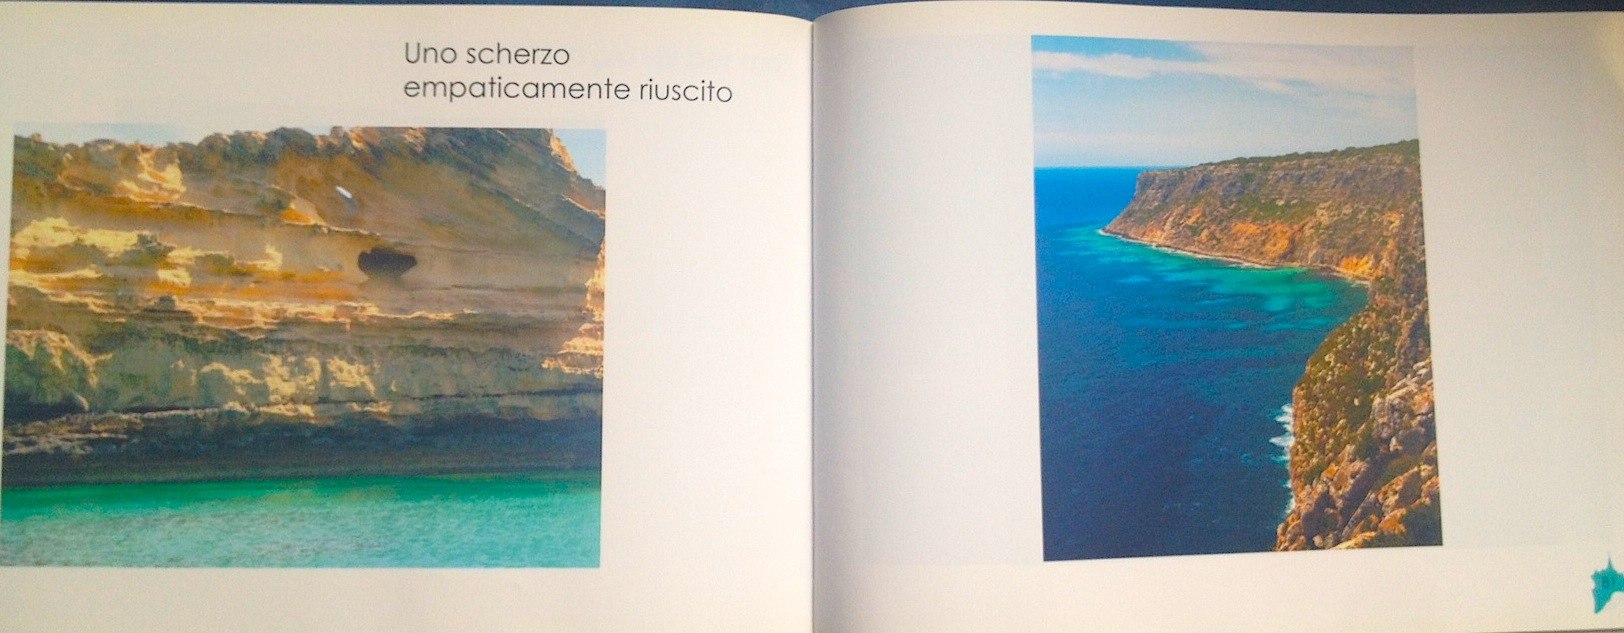 foto contenute nel libro